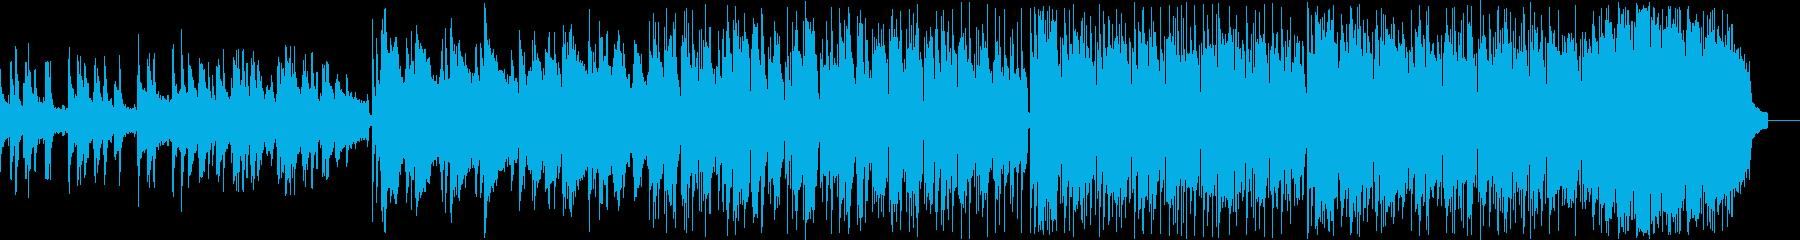 動画 説明的 静か エキゾチック ...の再生済みの波形